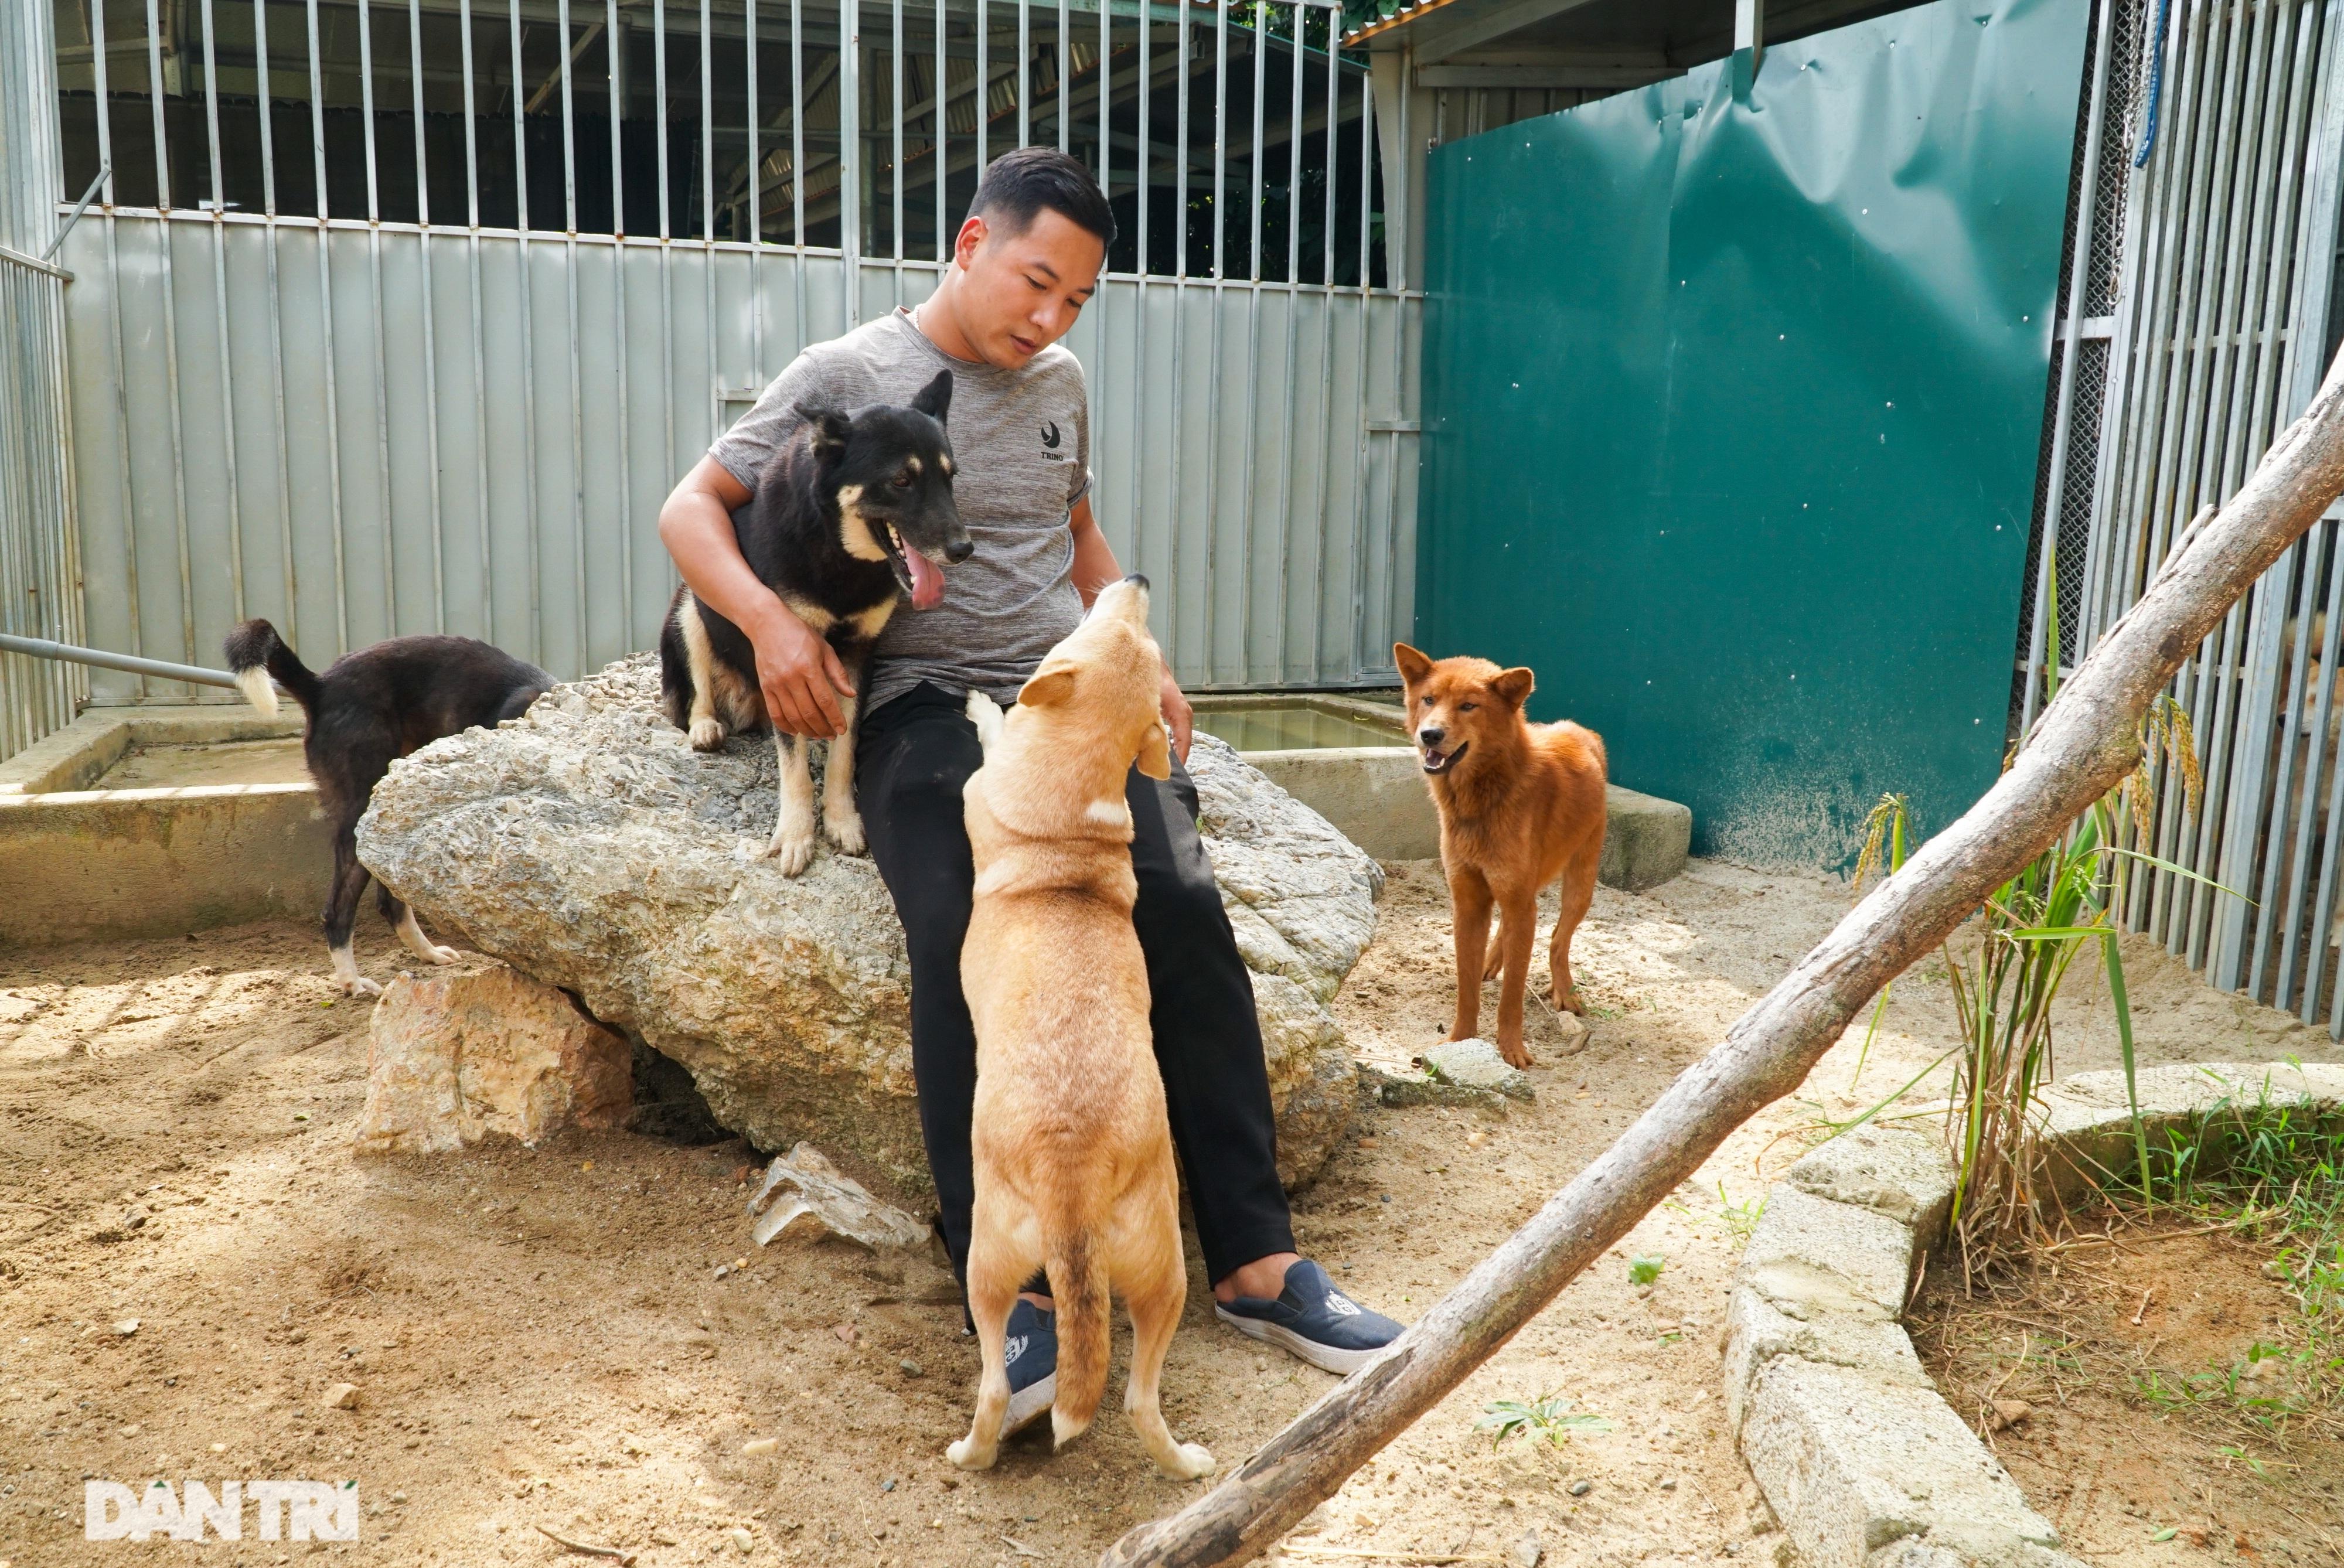 Hồi sinh giống chó săn cổ quý hiếm lừng danh đất Việt - 1